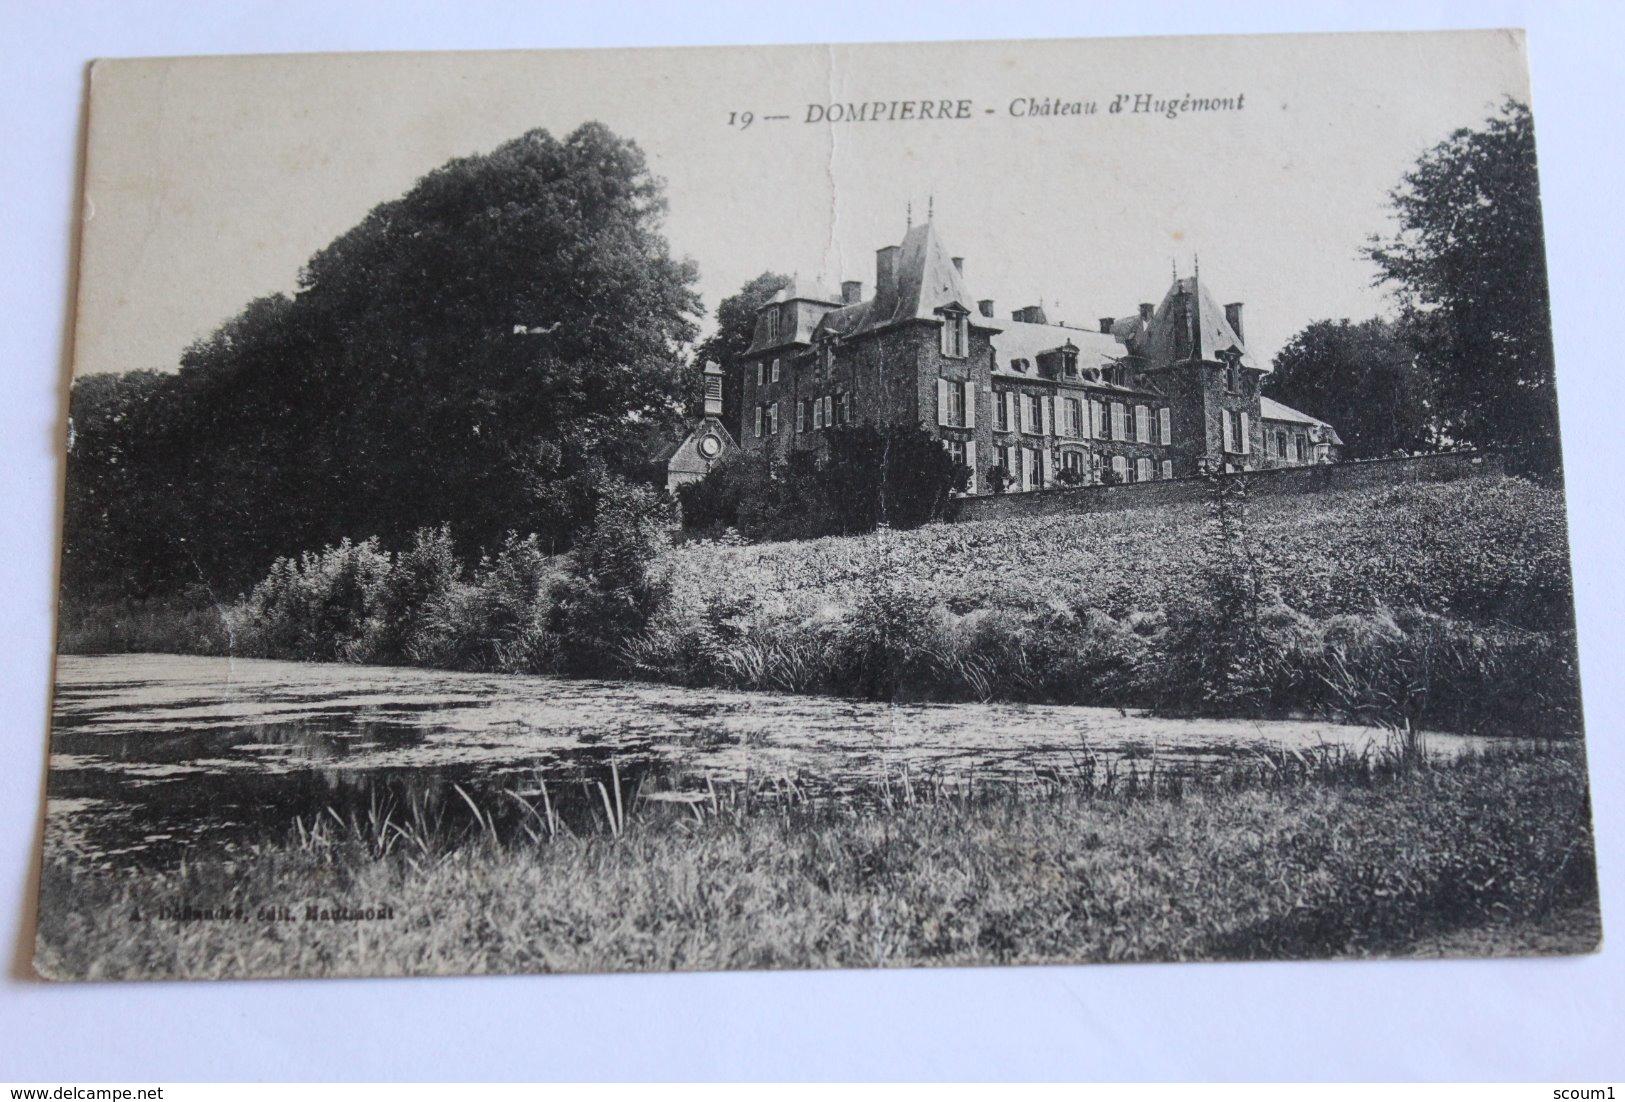 Dompierre - Chateau D'hugémont - France